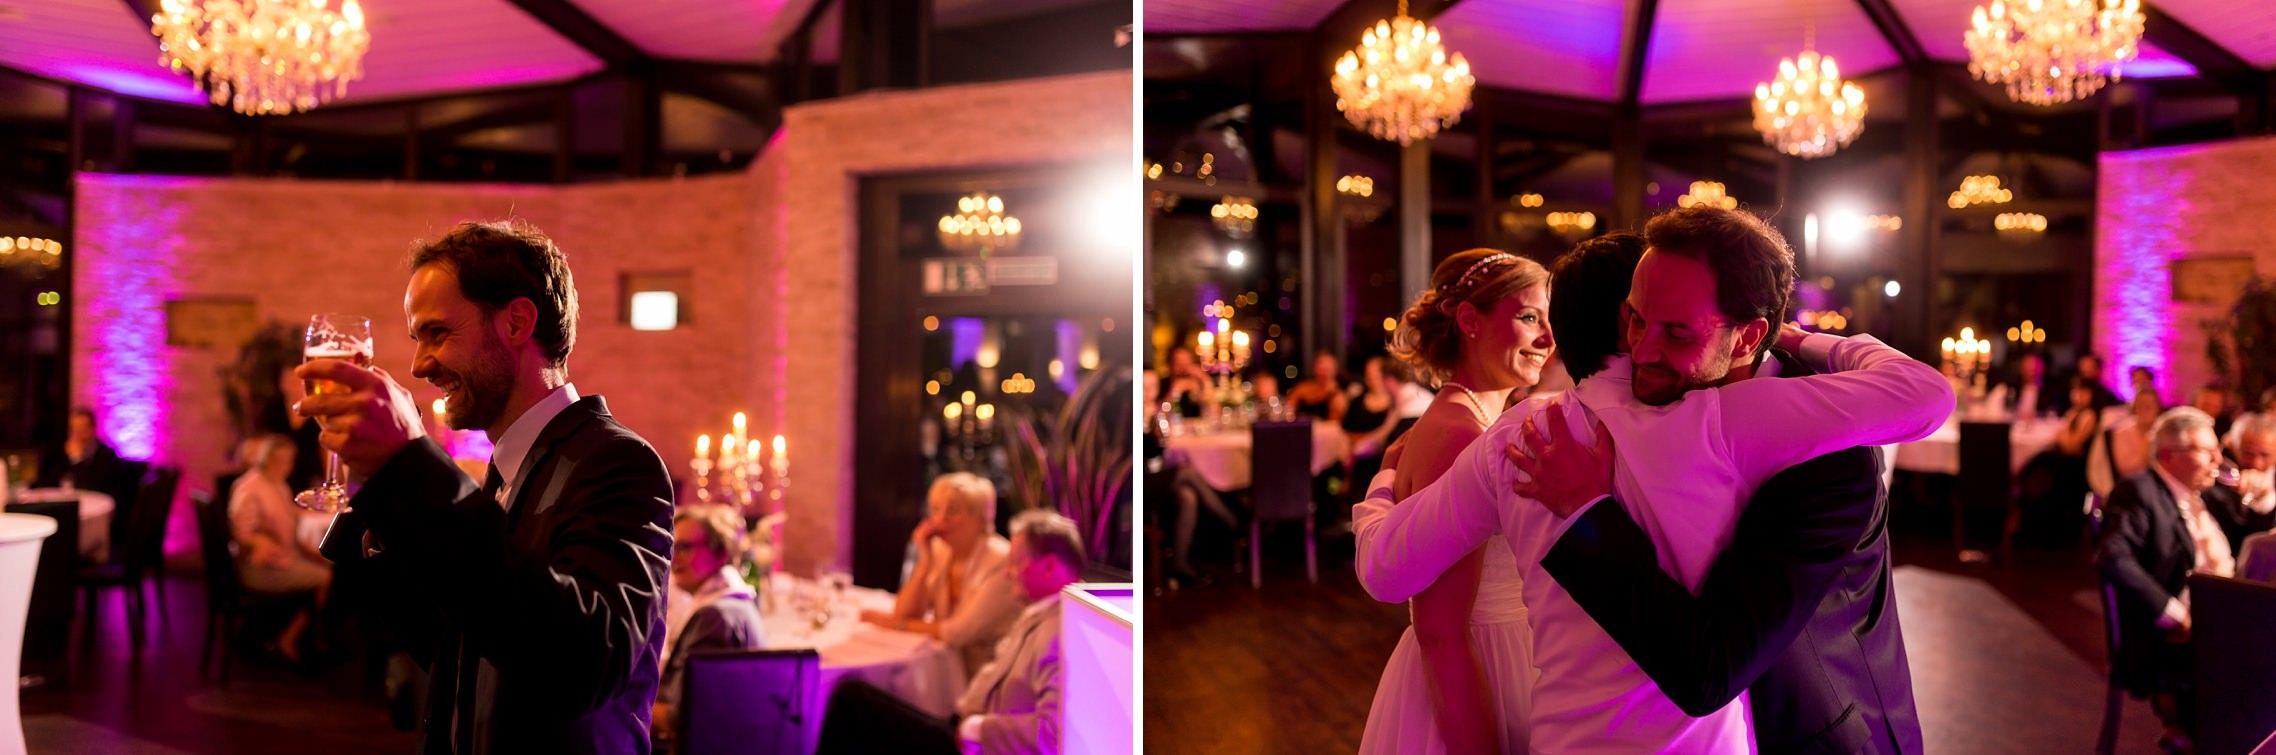 Der Trauzeuge hält eine emotionale Rede und wird anschließend vom Brautpaar umarmt